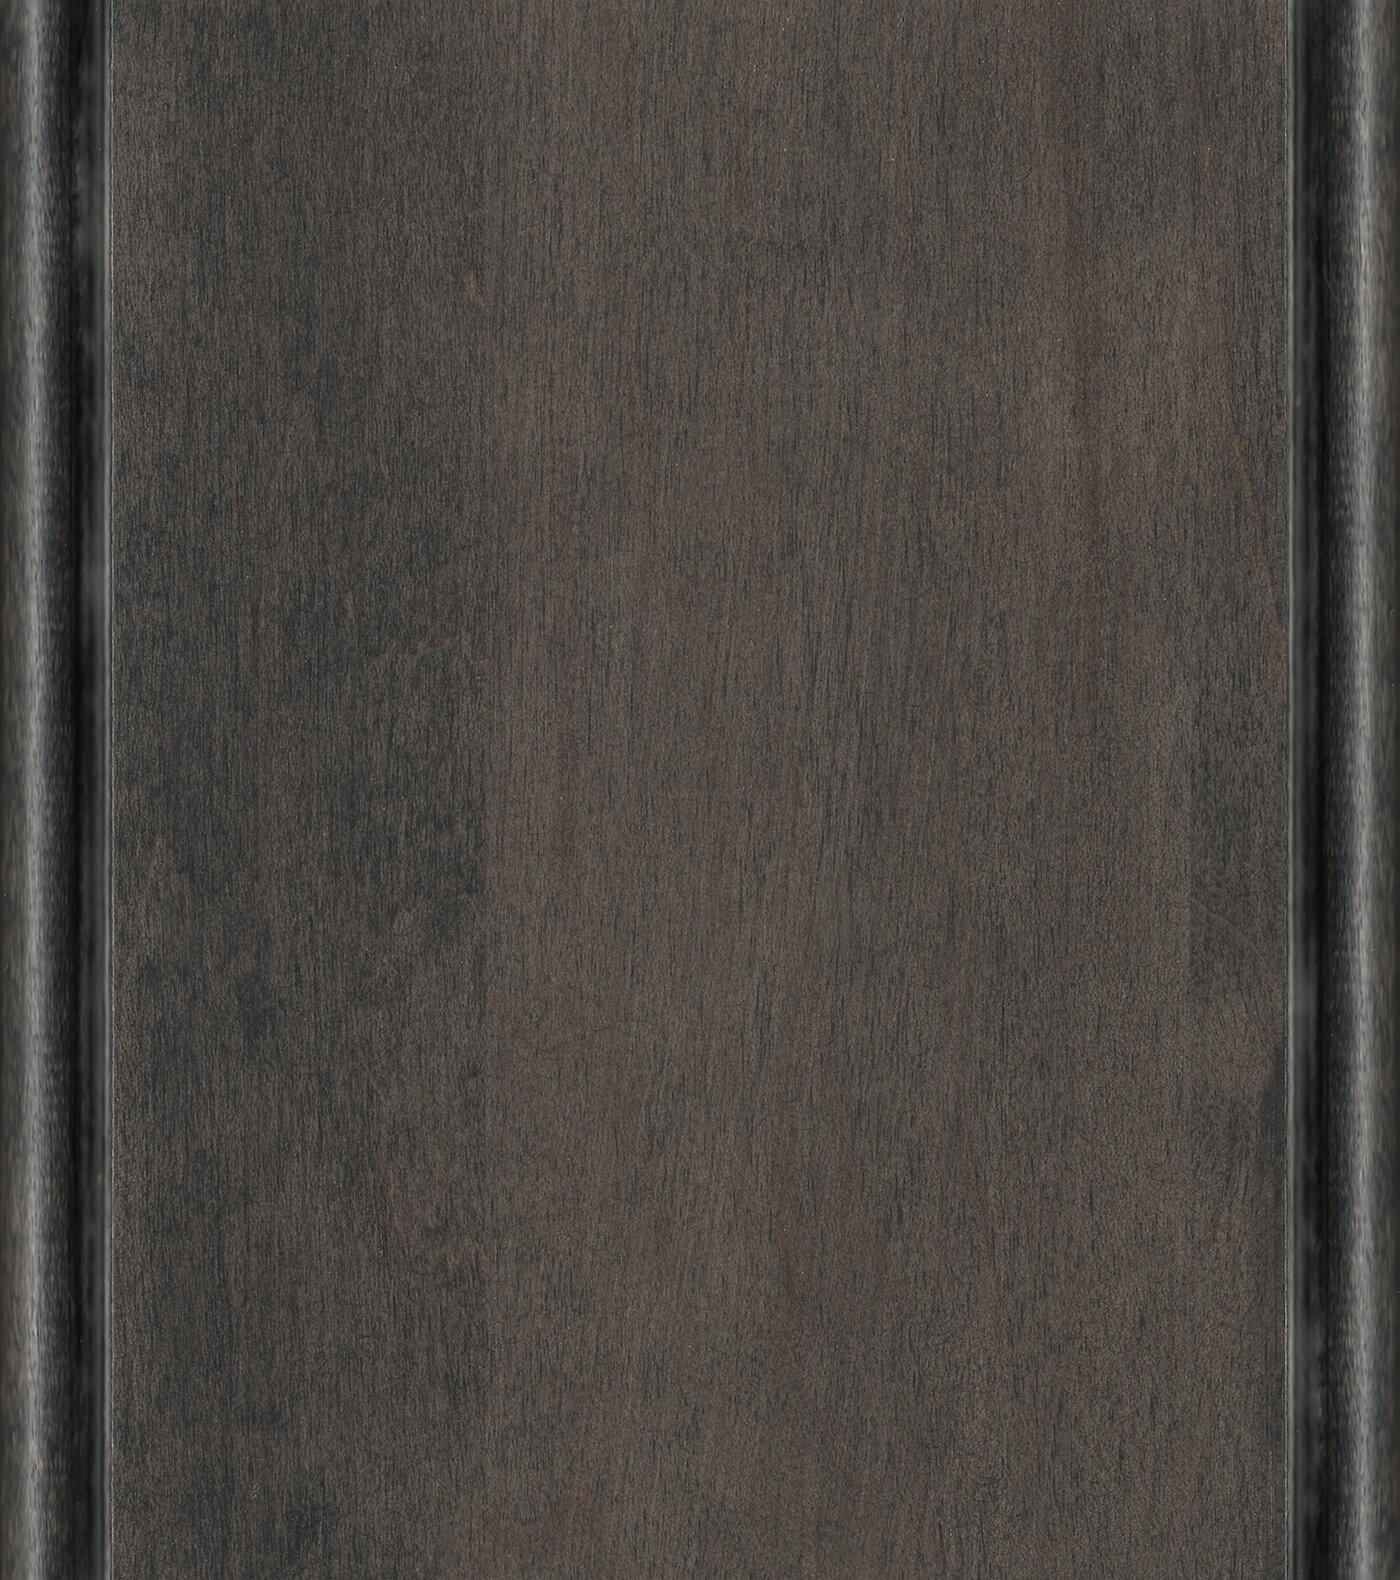 Smoke / Shadow Glaze Stain/Glaze on Maple